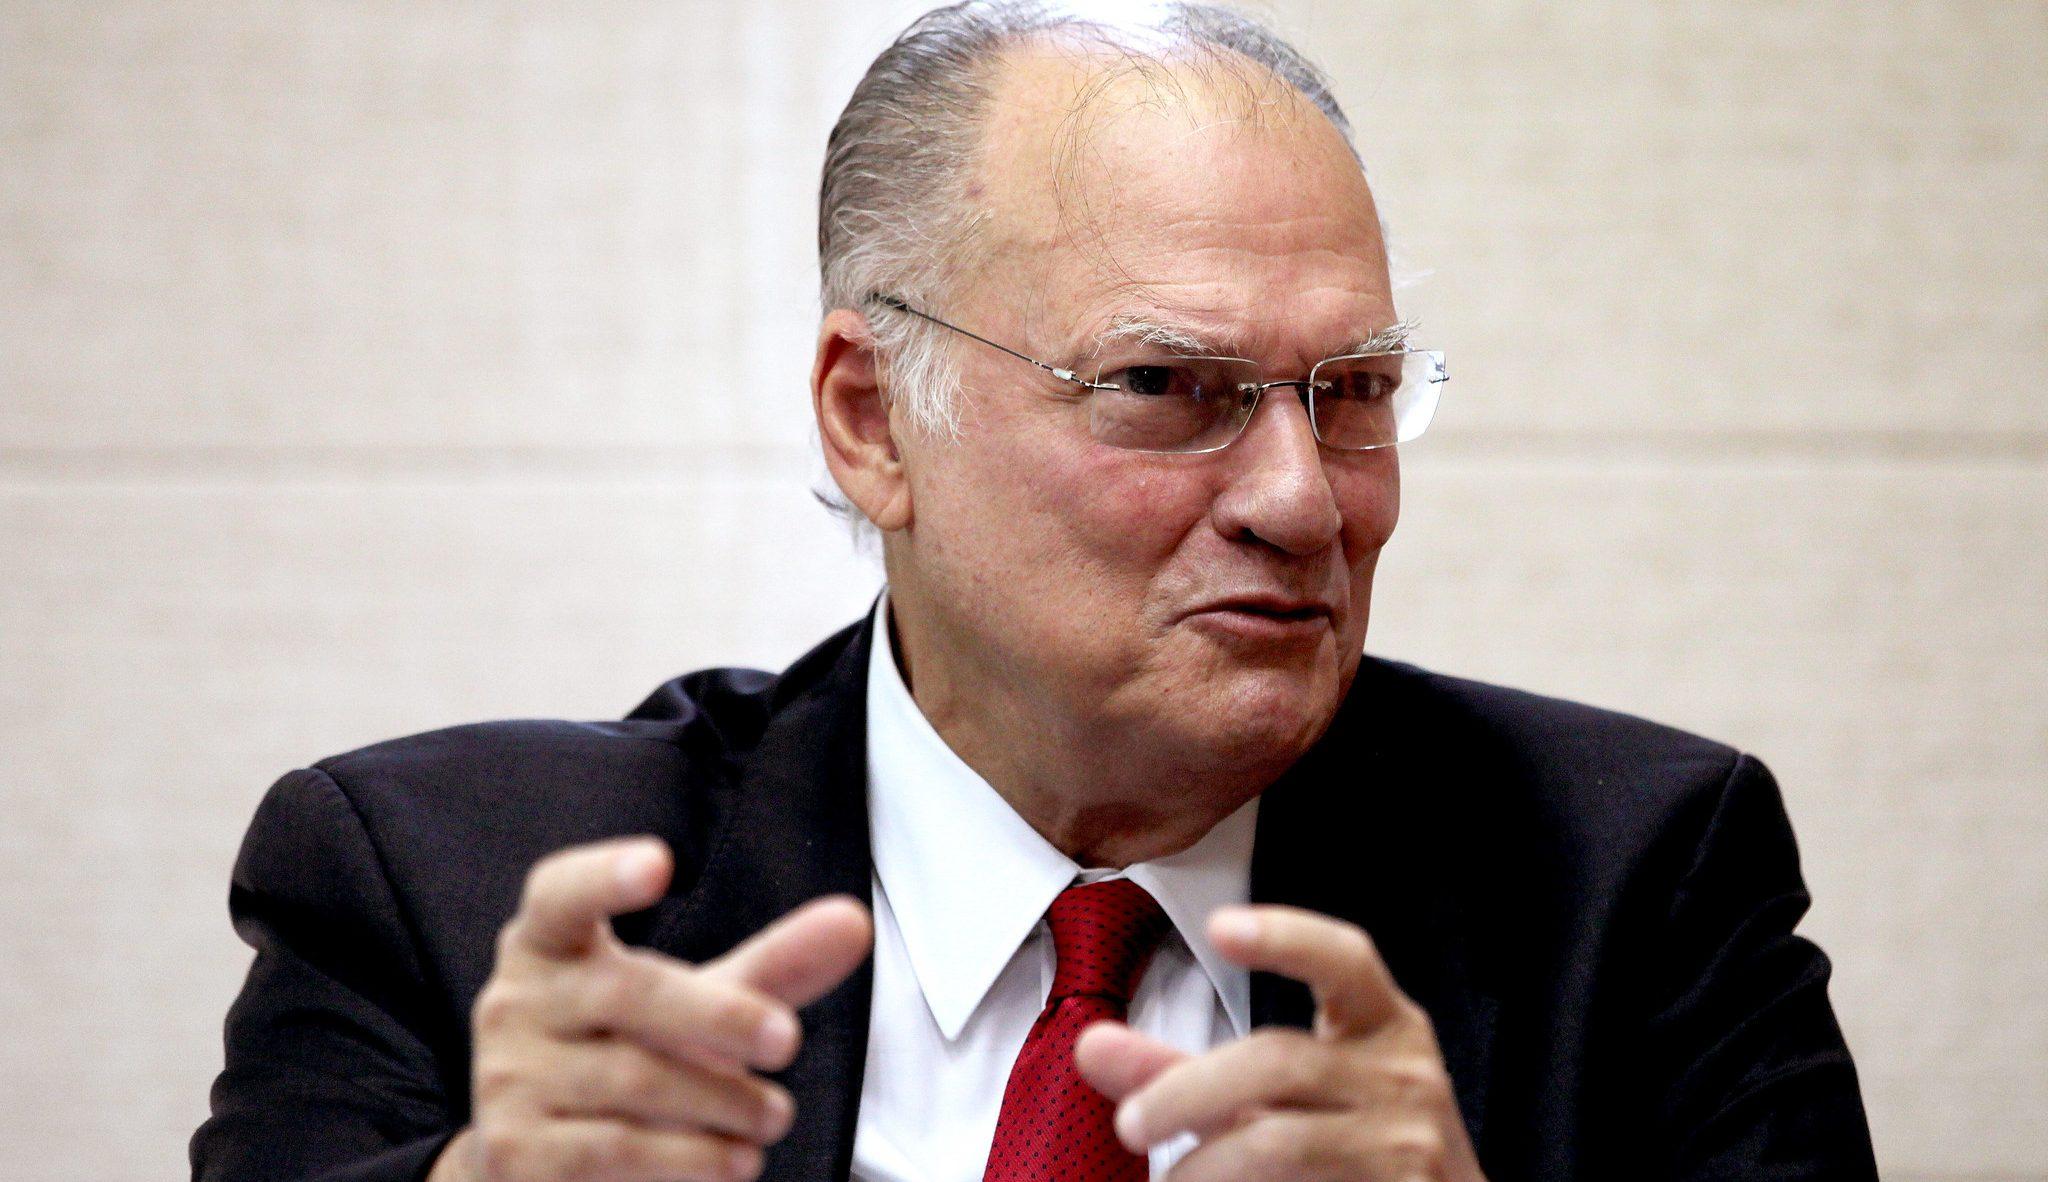 IMAGEM: 'Não importa a ideologia: ditaduras são ditaduras', diz Cidadania, sobre Cuba